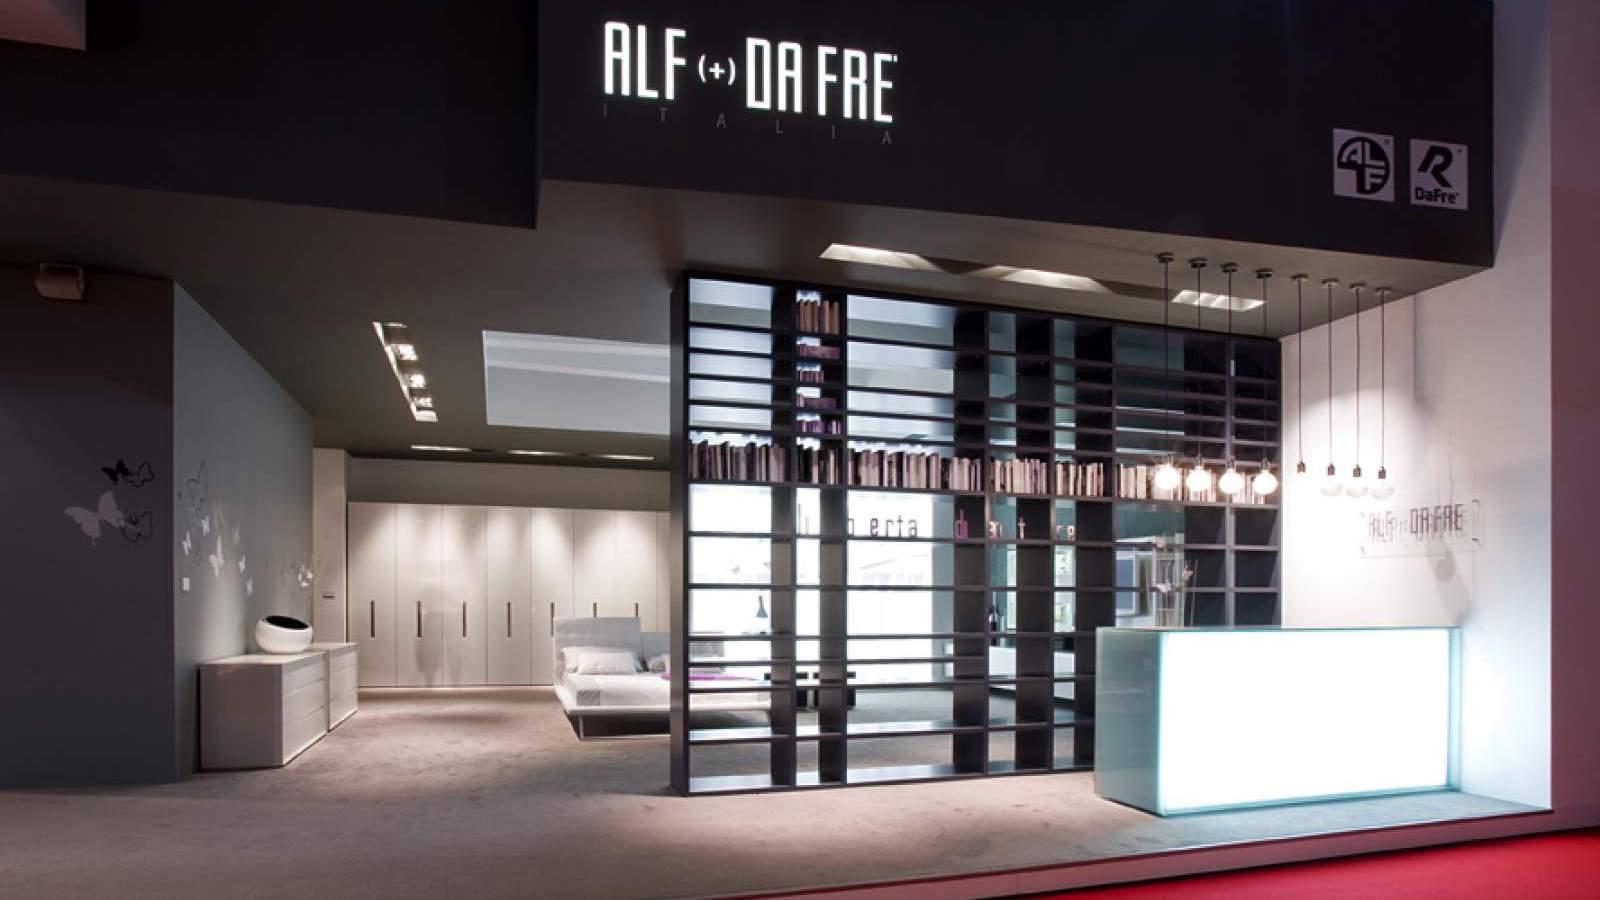 ... Frè: Salone del mobile 2008 Milano  Bottega: Architetture Espositive